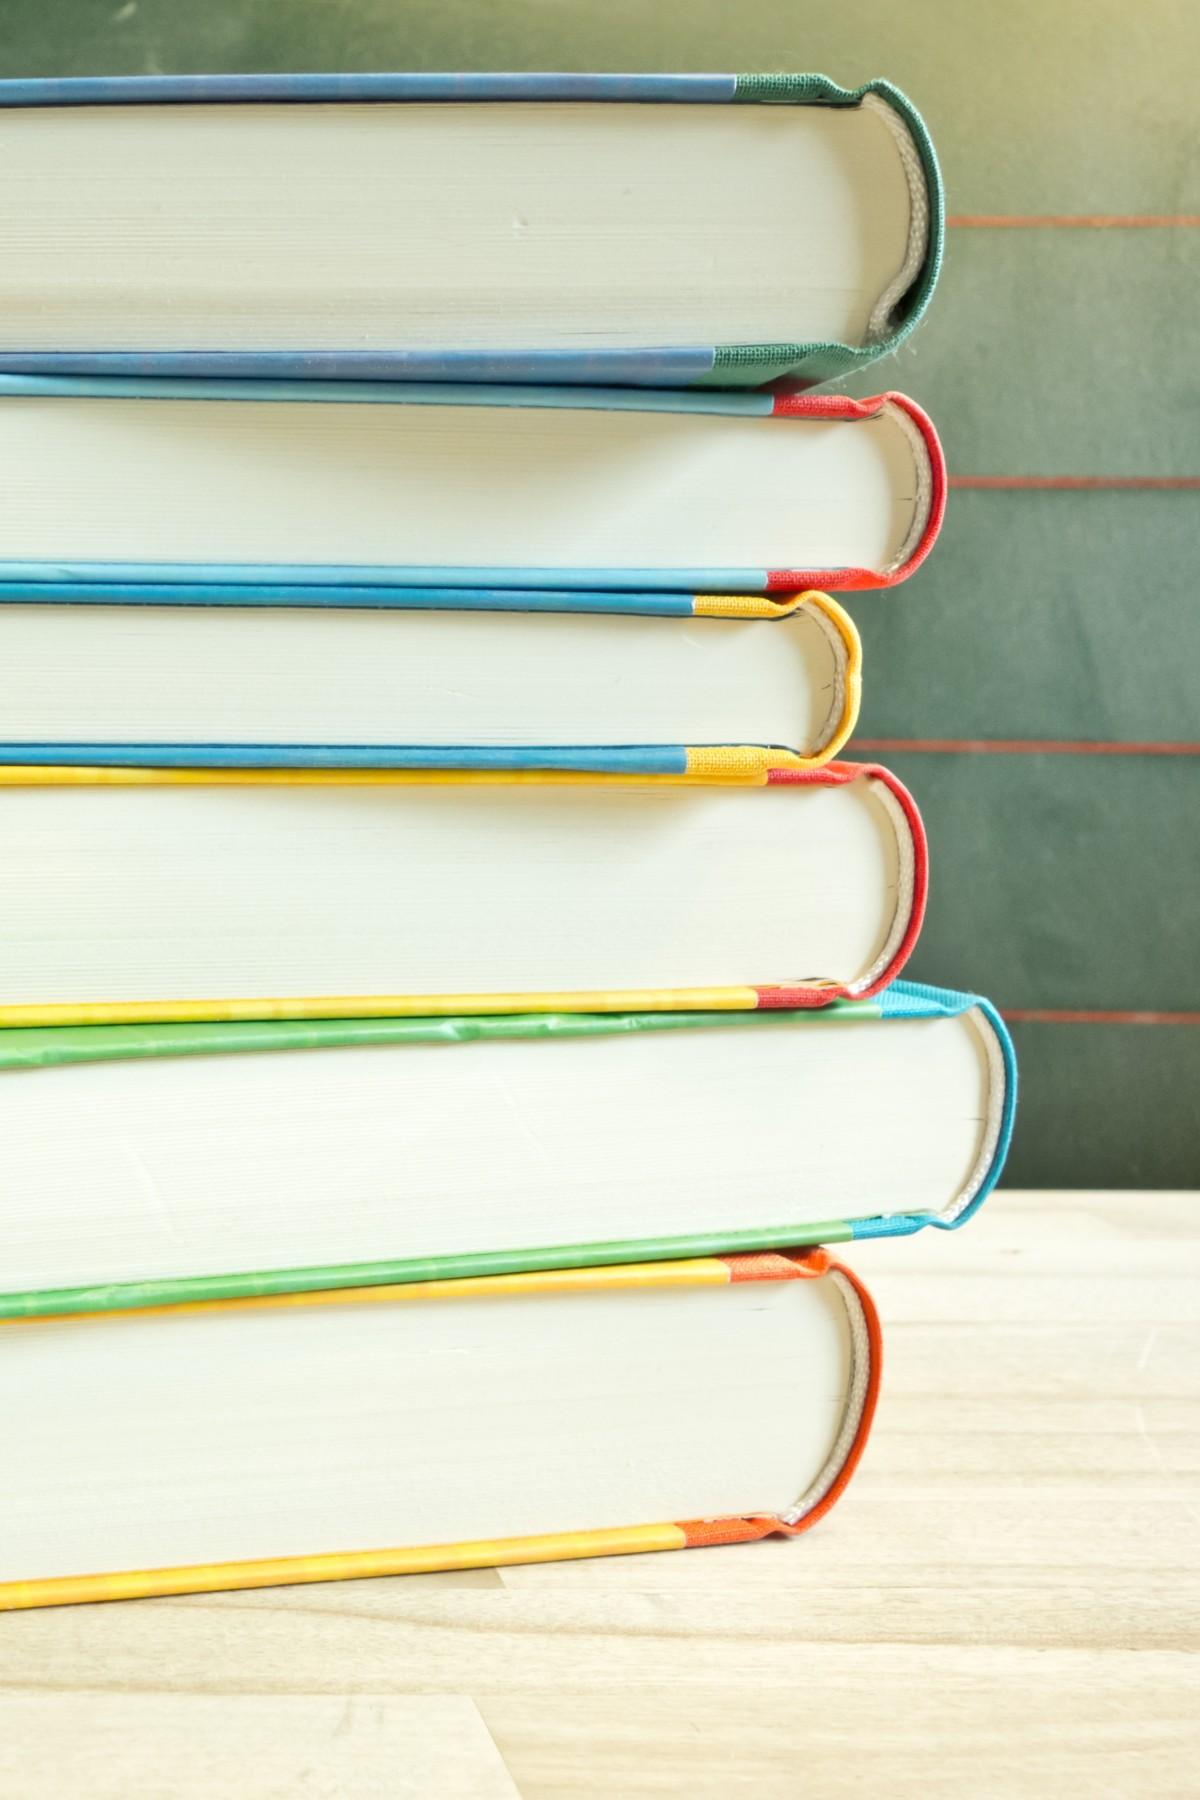 Fotos gratis trabajo leer l nea formaci n estudiante for Estudiar diseno de interiores online gratis